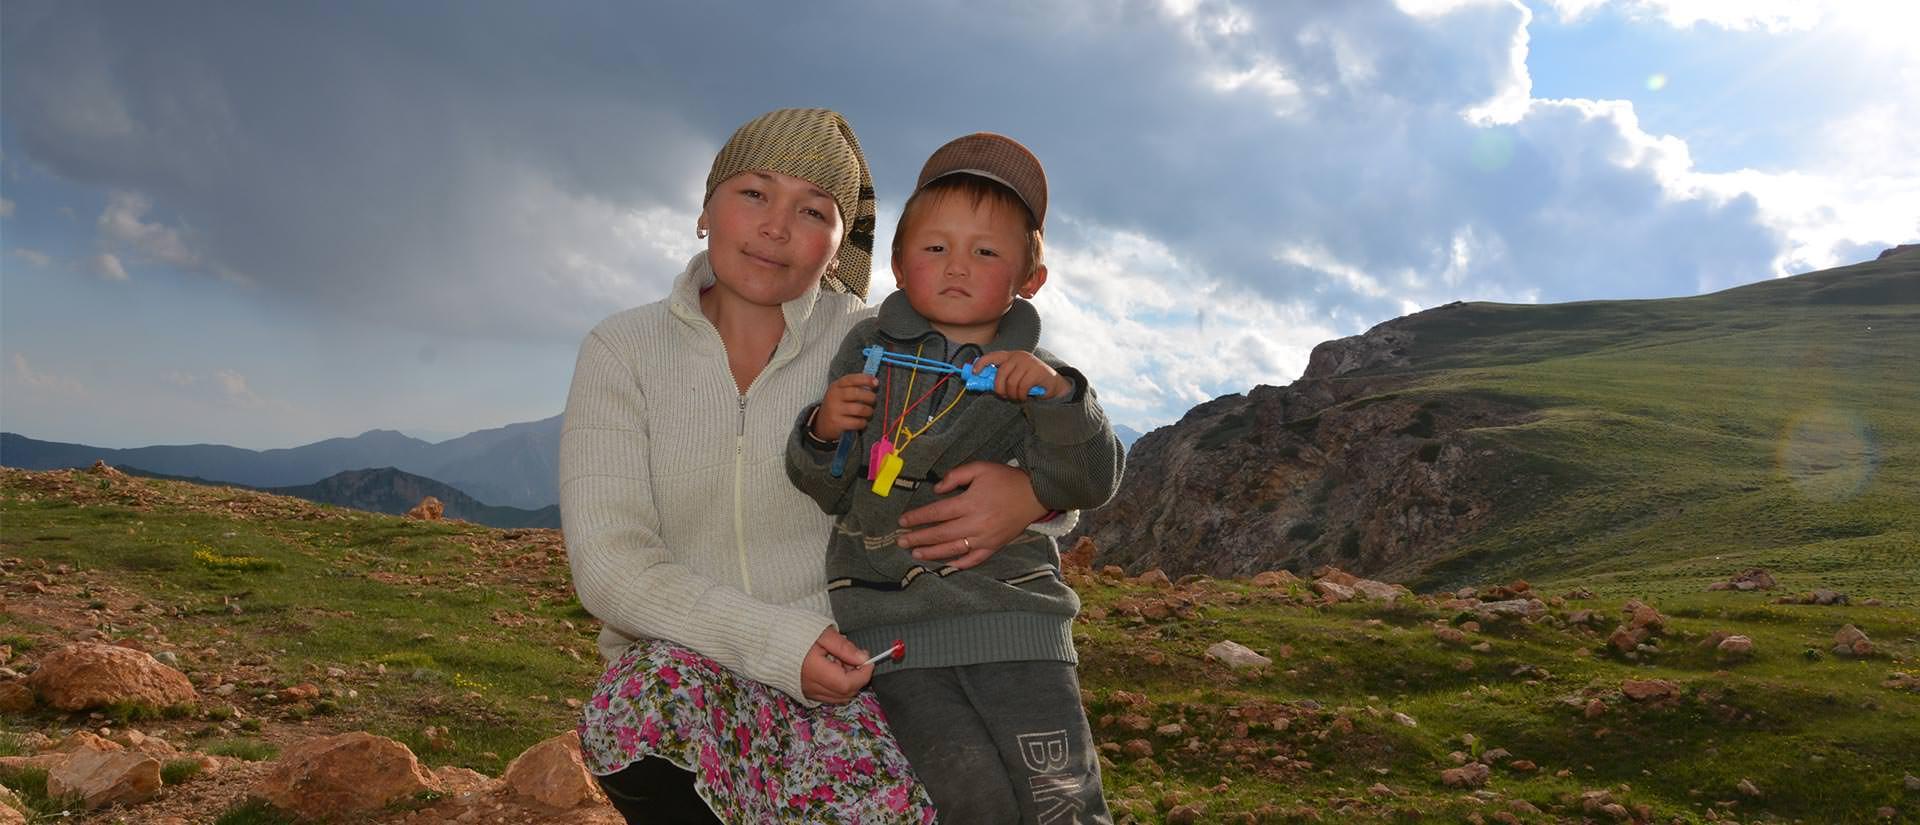 טיולים מאורגנים לקירגיזסטן